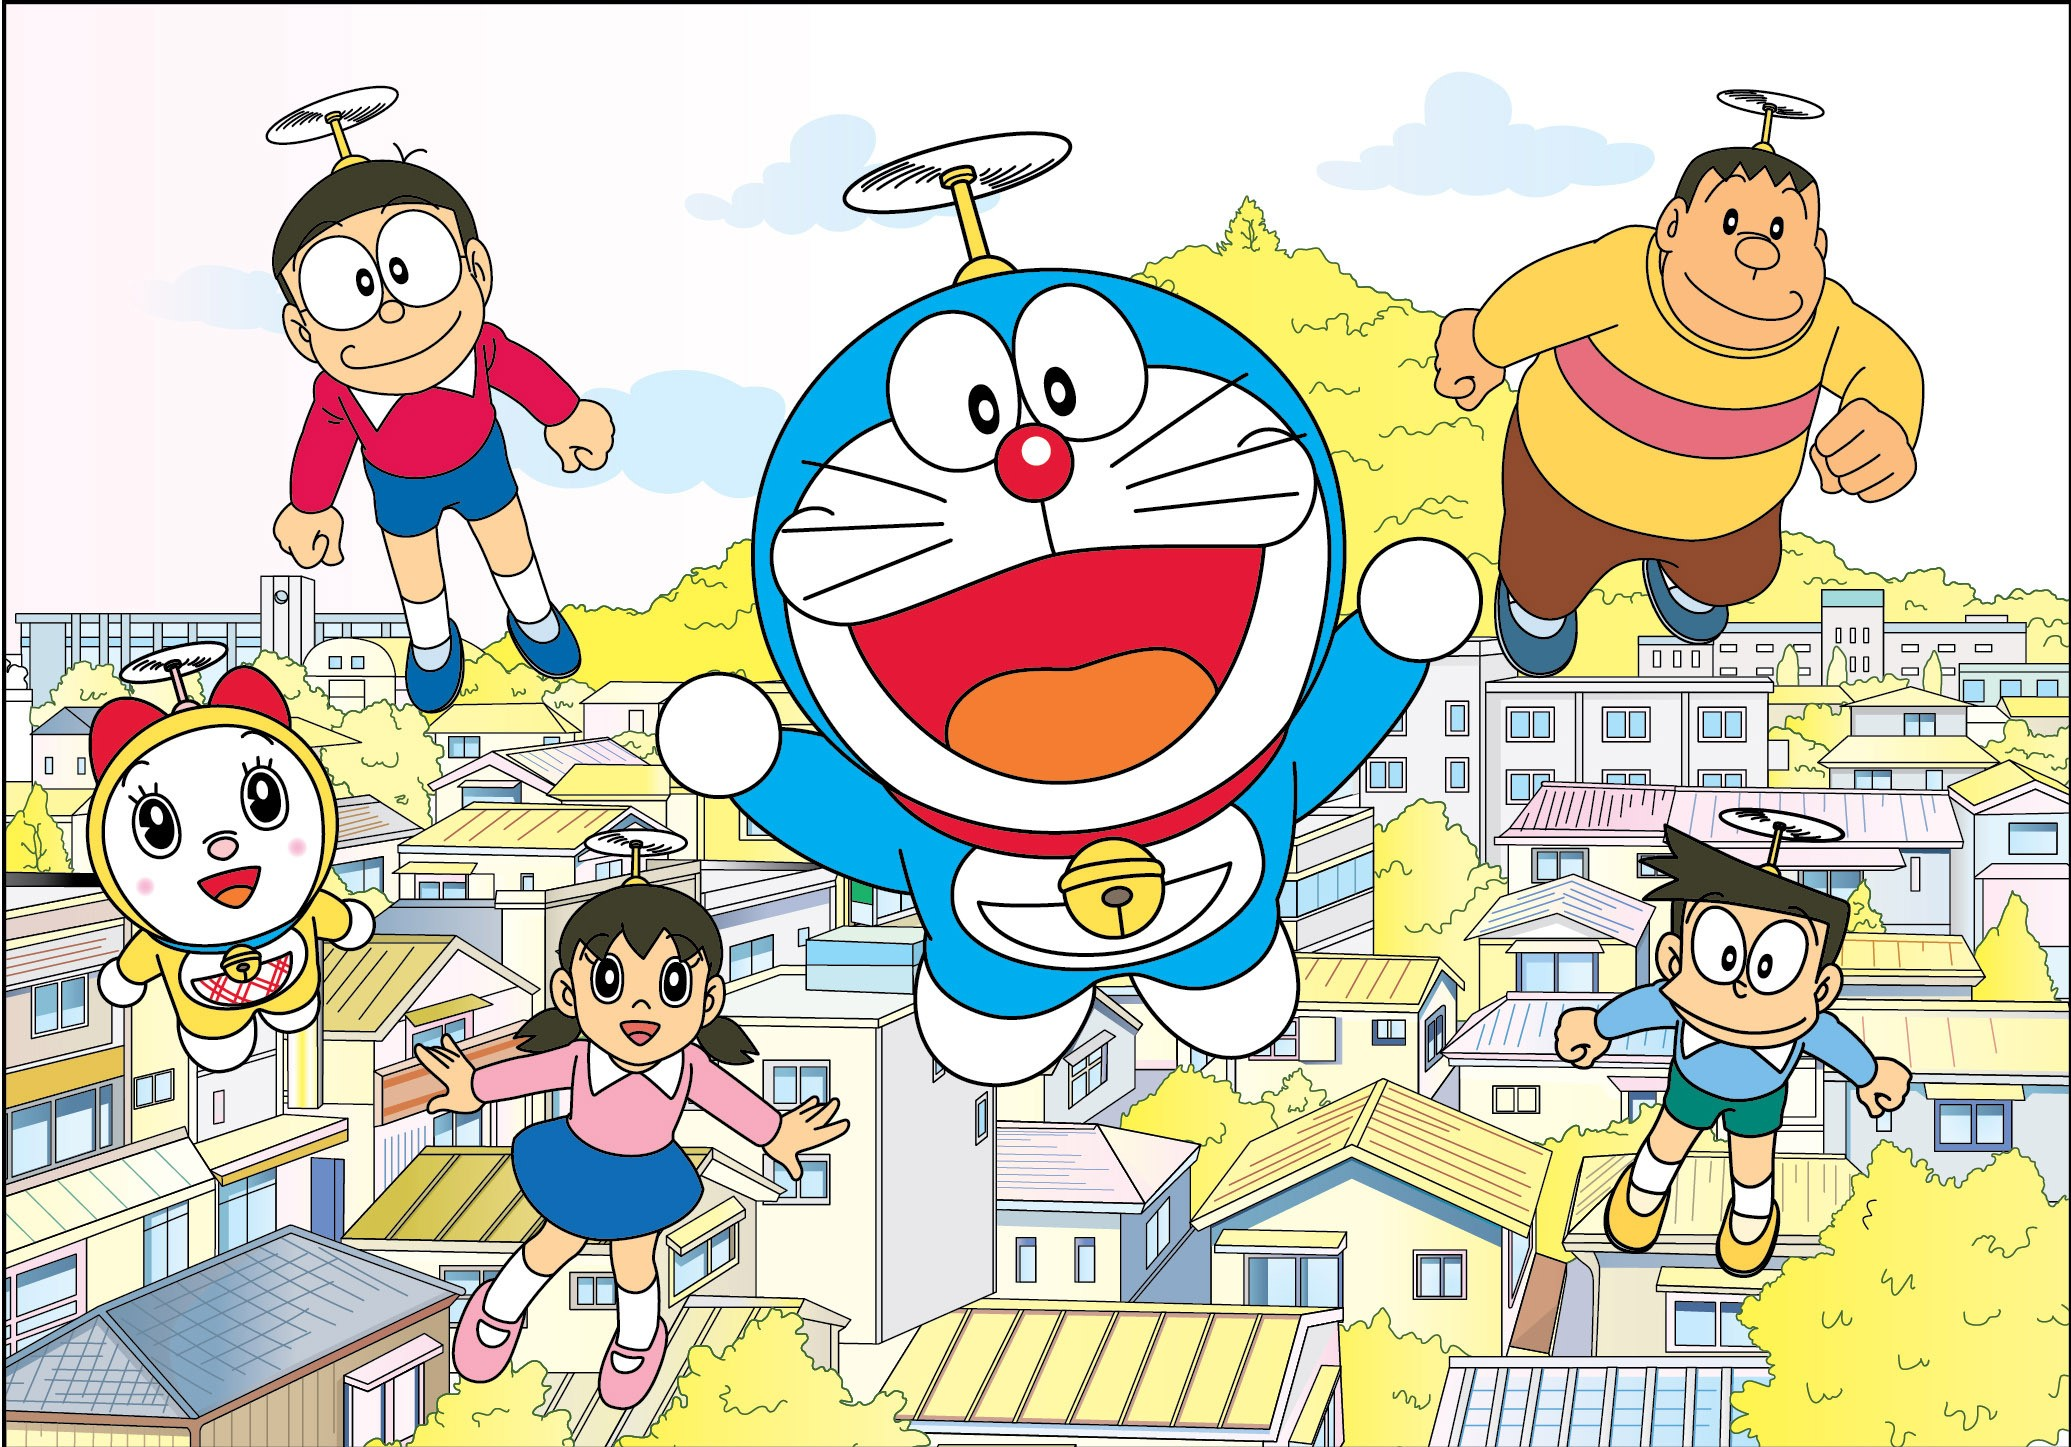 一部描述從未來回來幫助小時候的主人並且總是能拿出許多未來道具的機器貓的卡通影集。